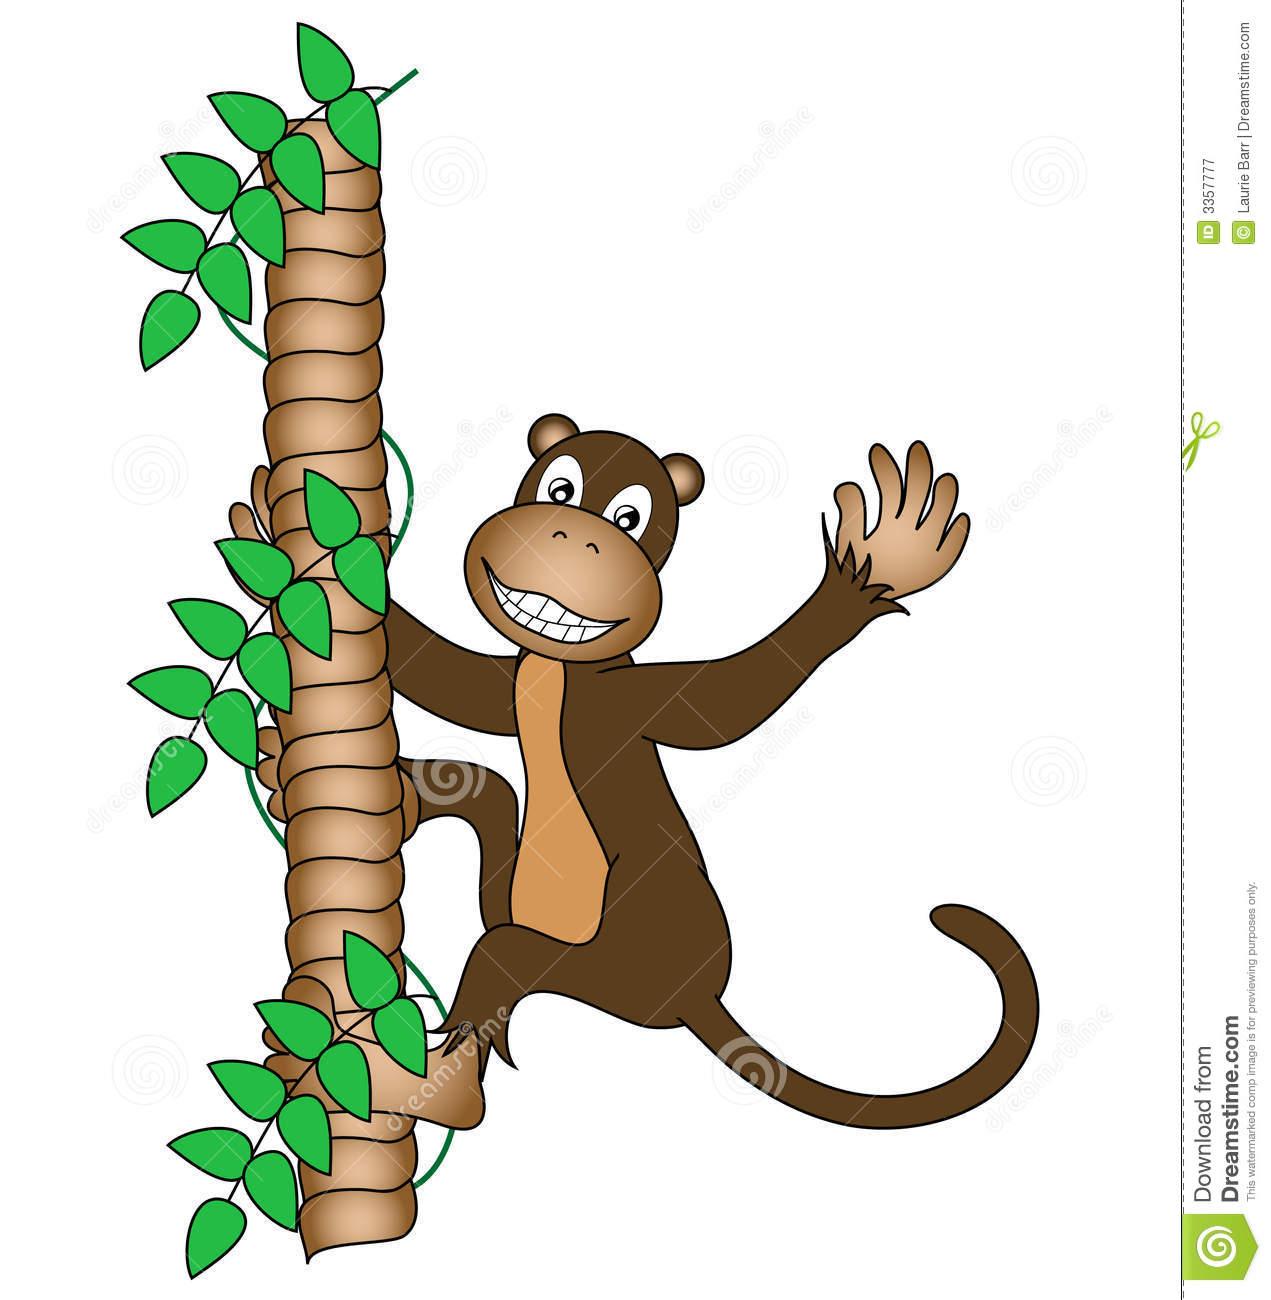 Monkey clipart climb. In a tree free